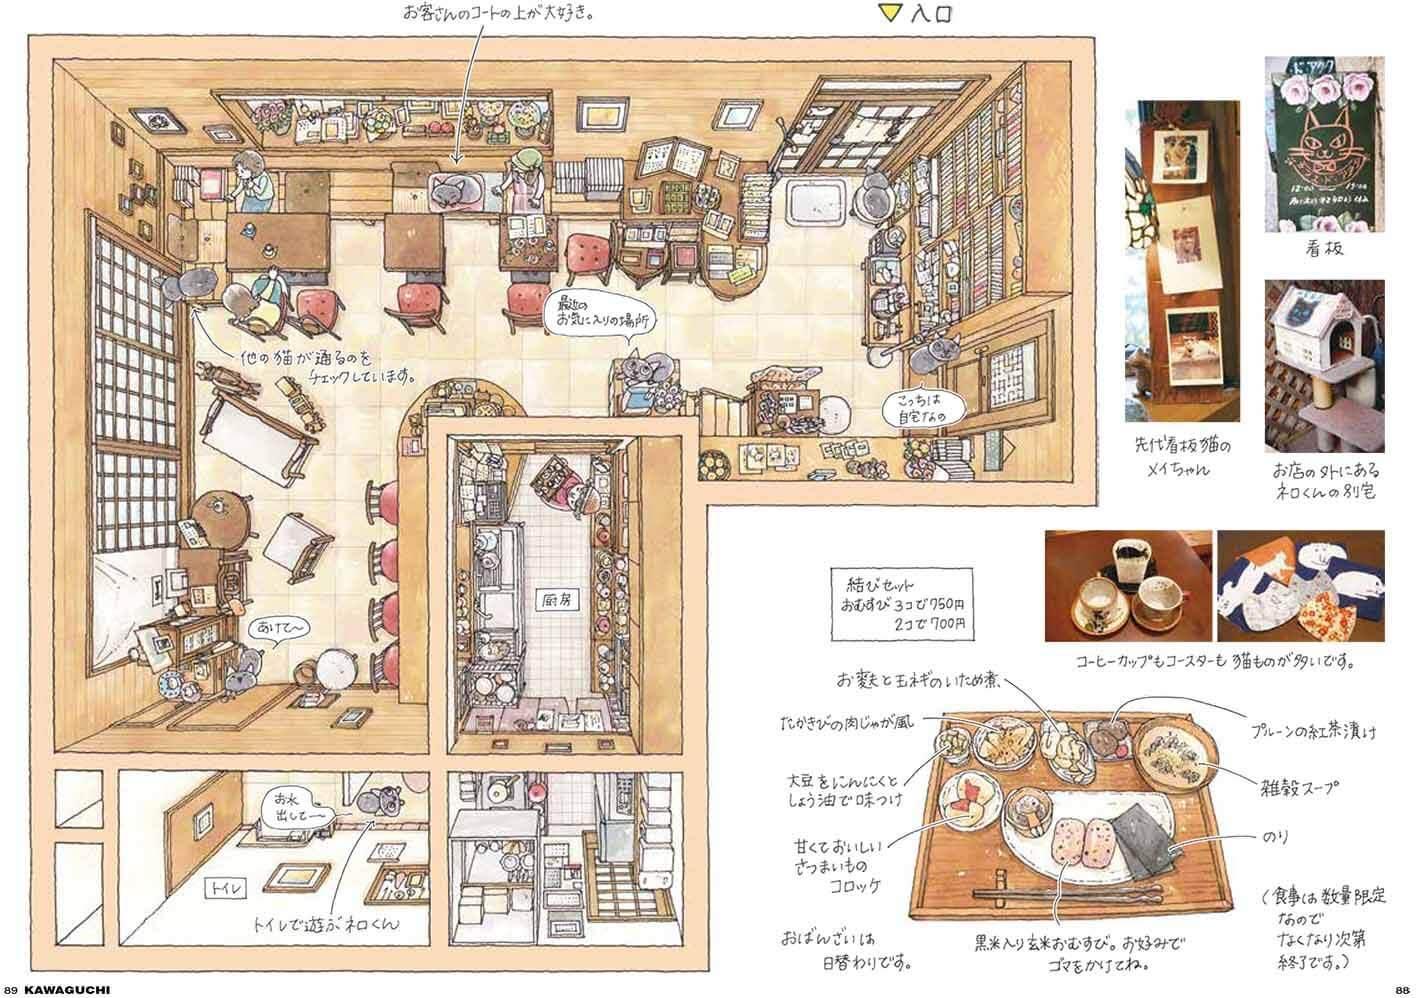 看板猫がいるお店の俯瞰図イメージ by イラストレーターの一志敦子さん